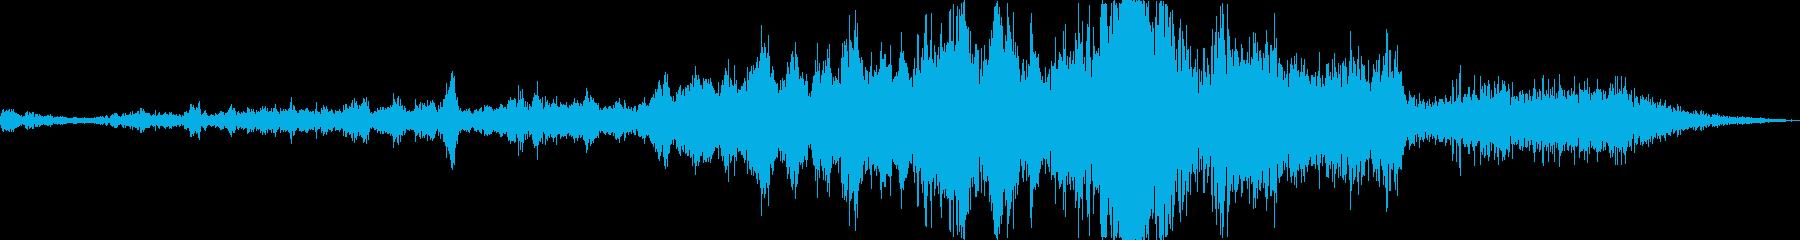 戦闘機上空通過(長め、高音)の再生済みの波形